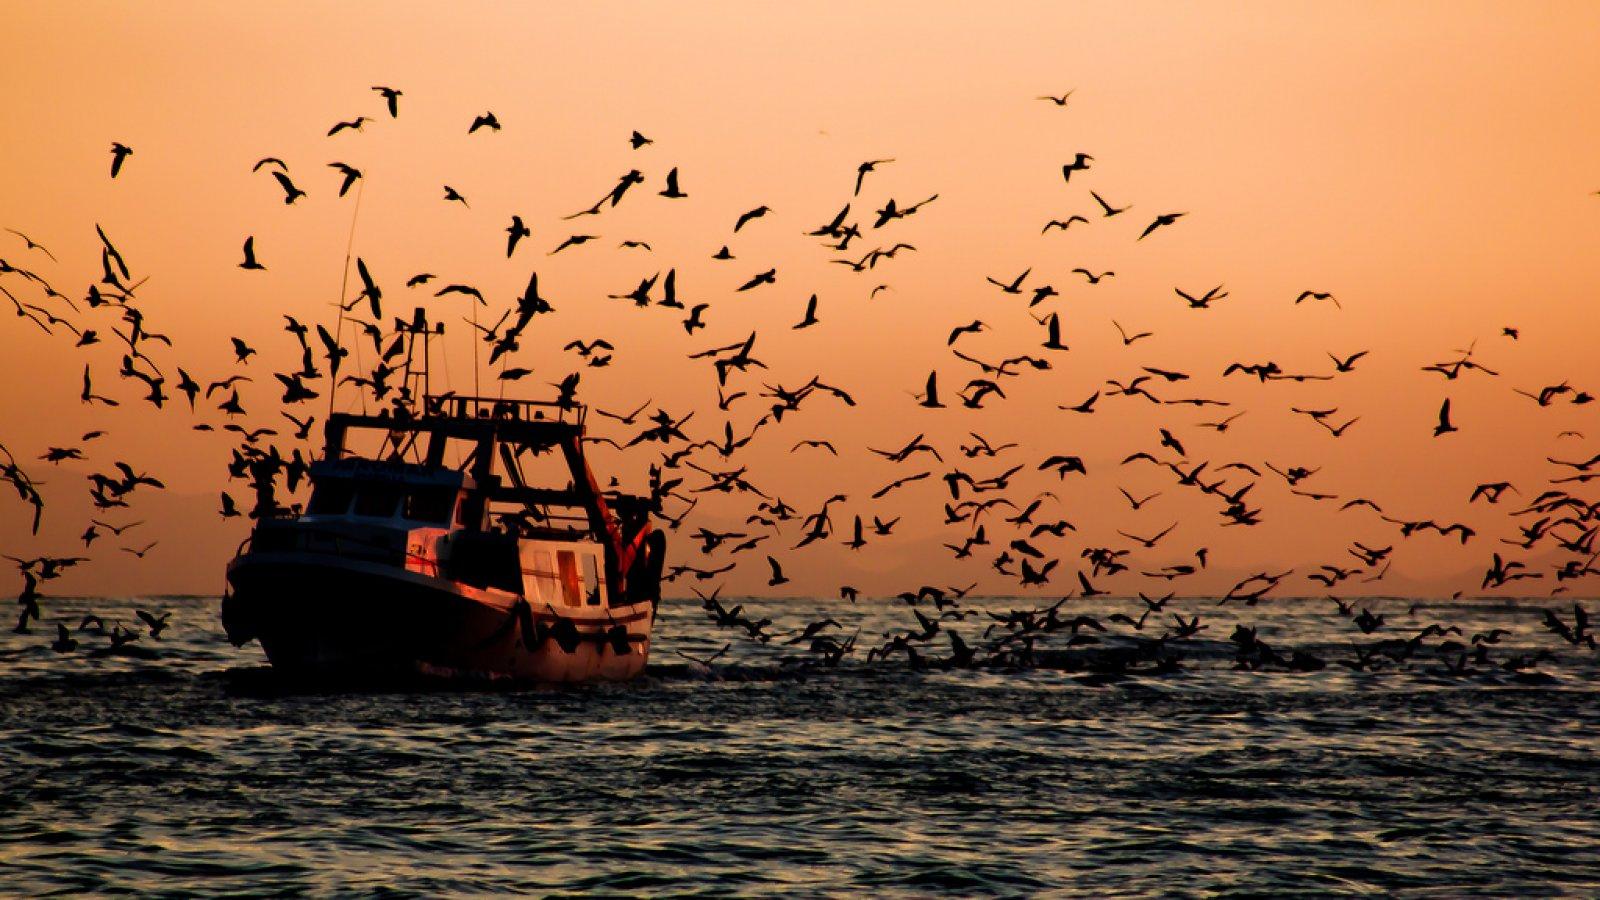 Vaixell pesquer tornant al port al sud de l'estat espanyol